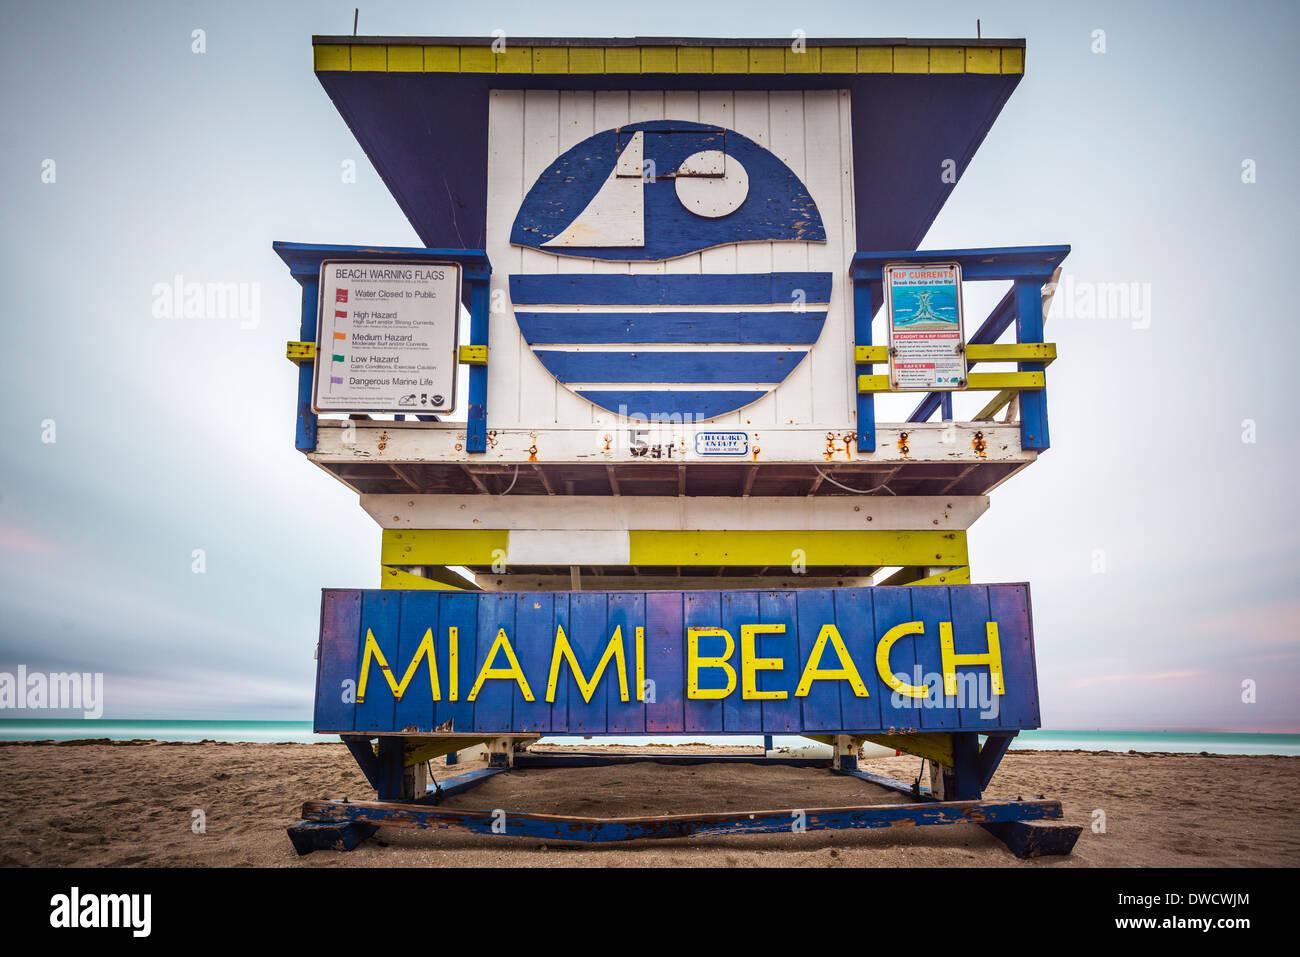 Miami Beach lifeguard tower. Stock Photo